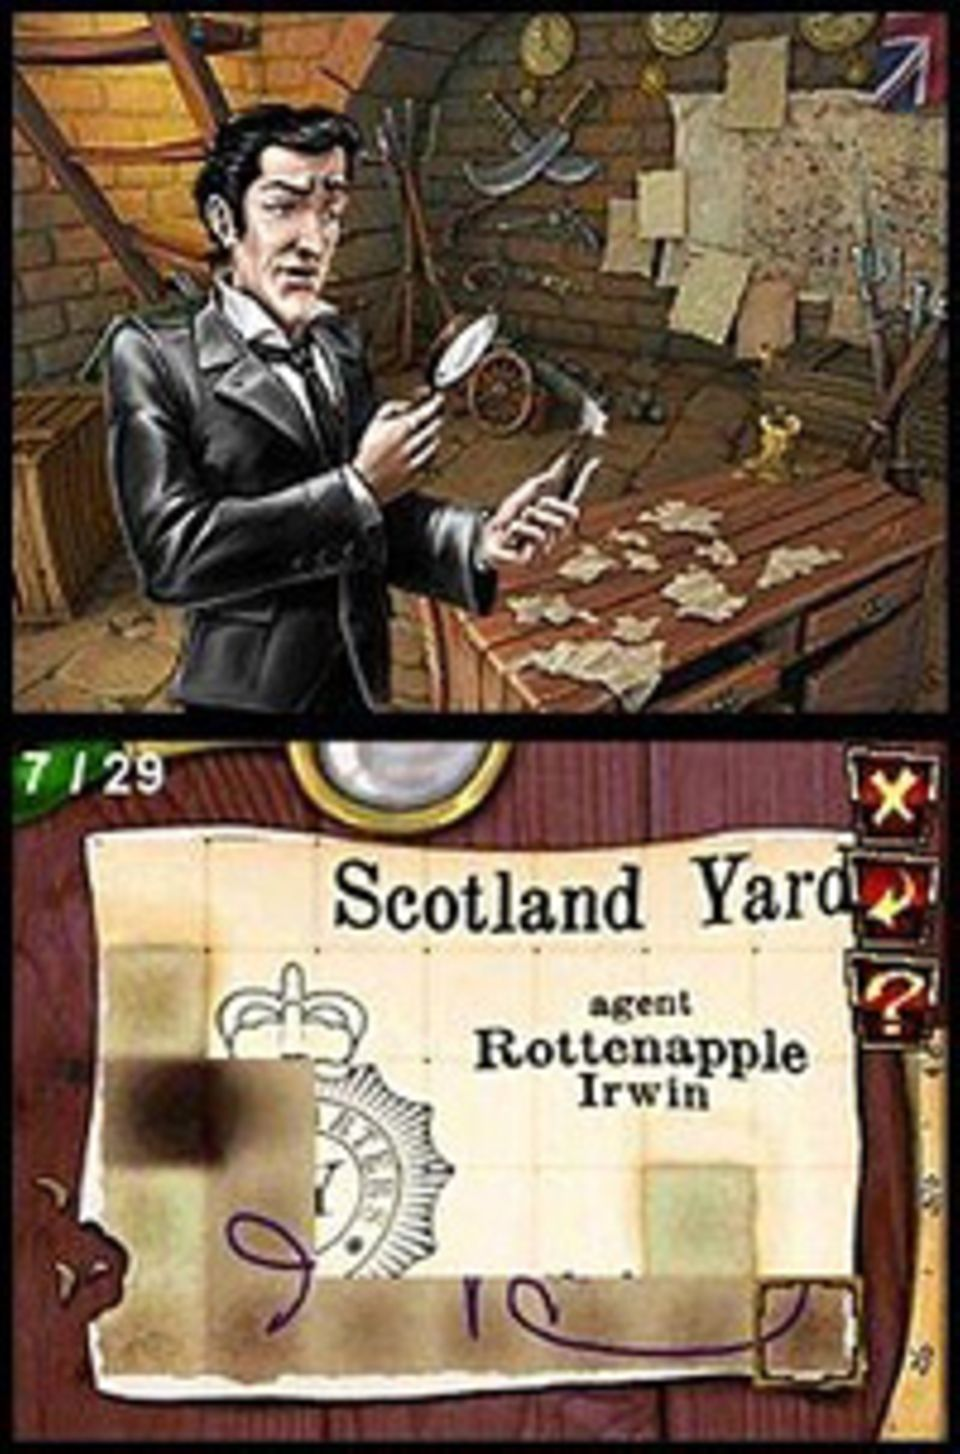 Detektivischer Spürsinn gefragt!